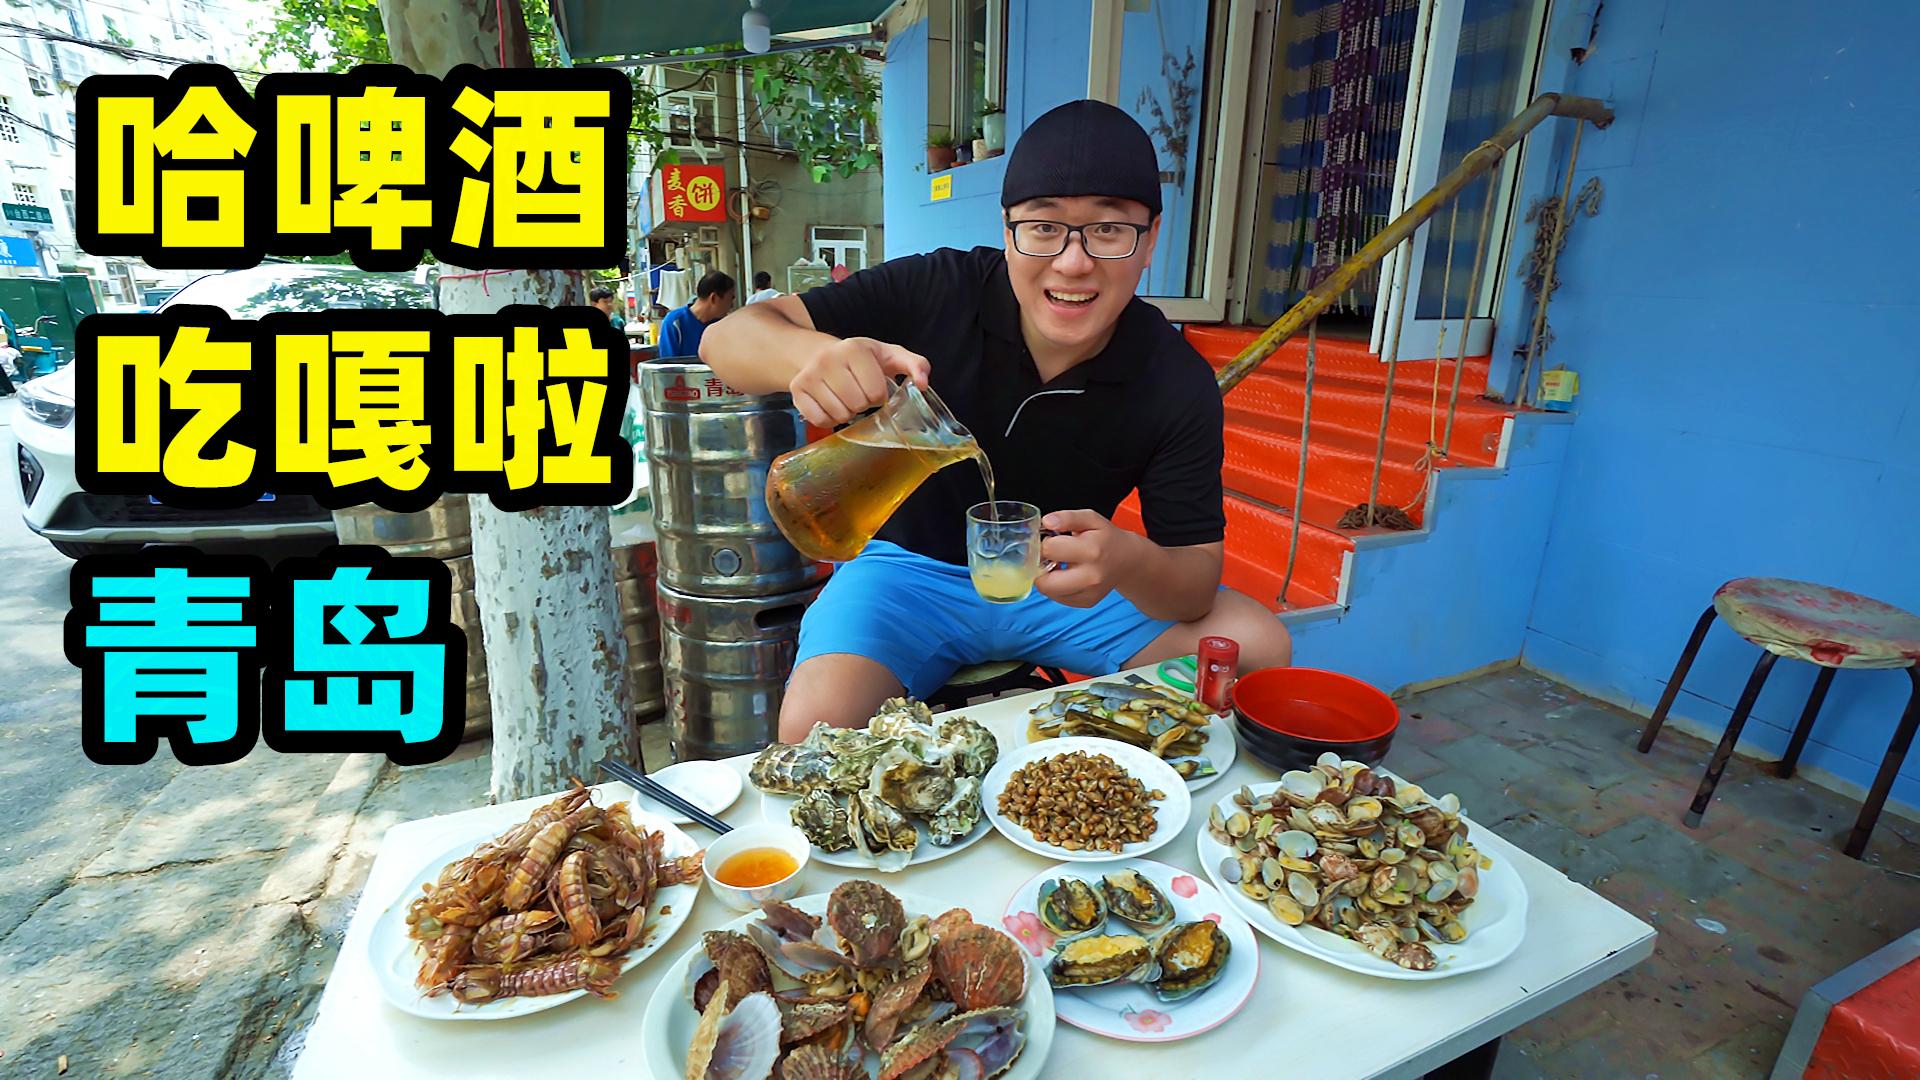 青岛特色啤酒屋,农贸市场买海鲜,阿星生吃海蛎子,喝鲜啤吃蛤蜊